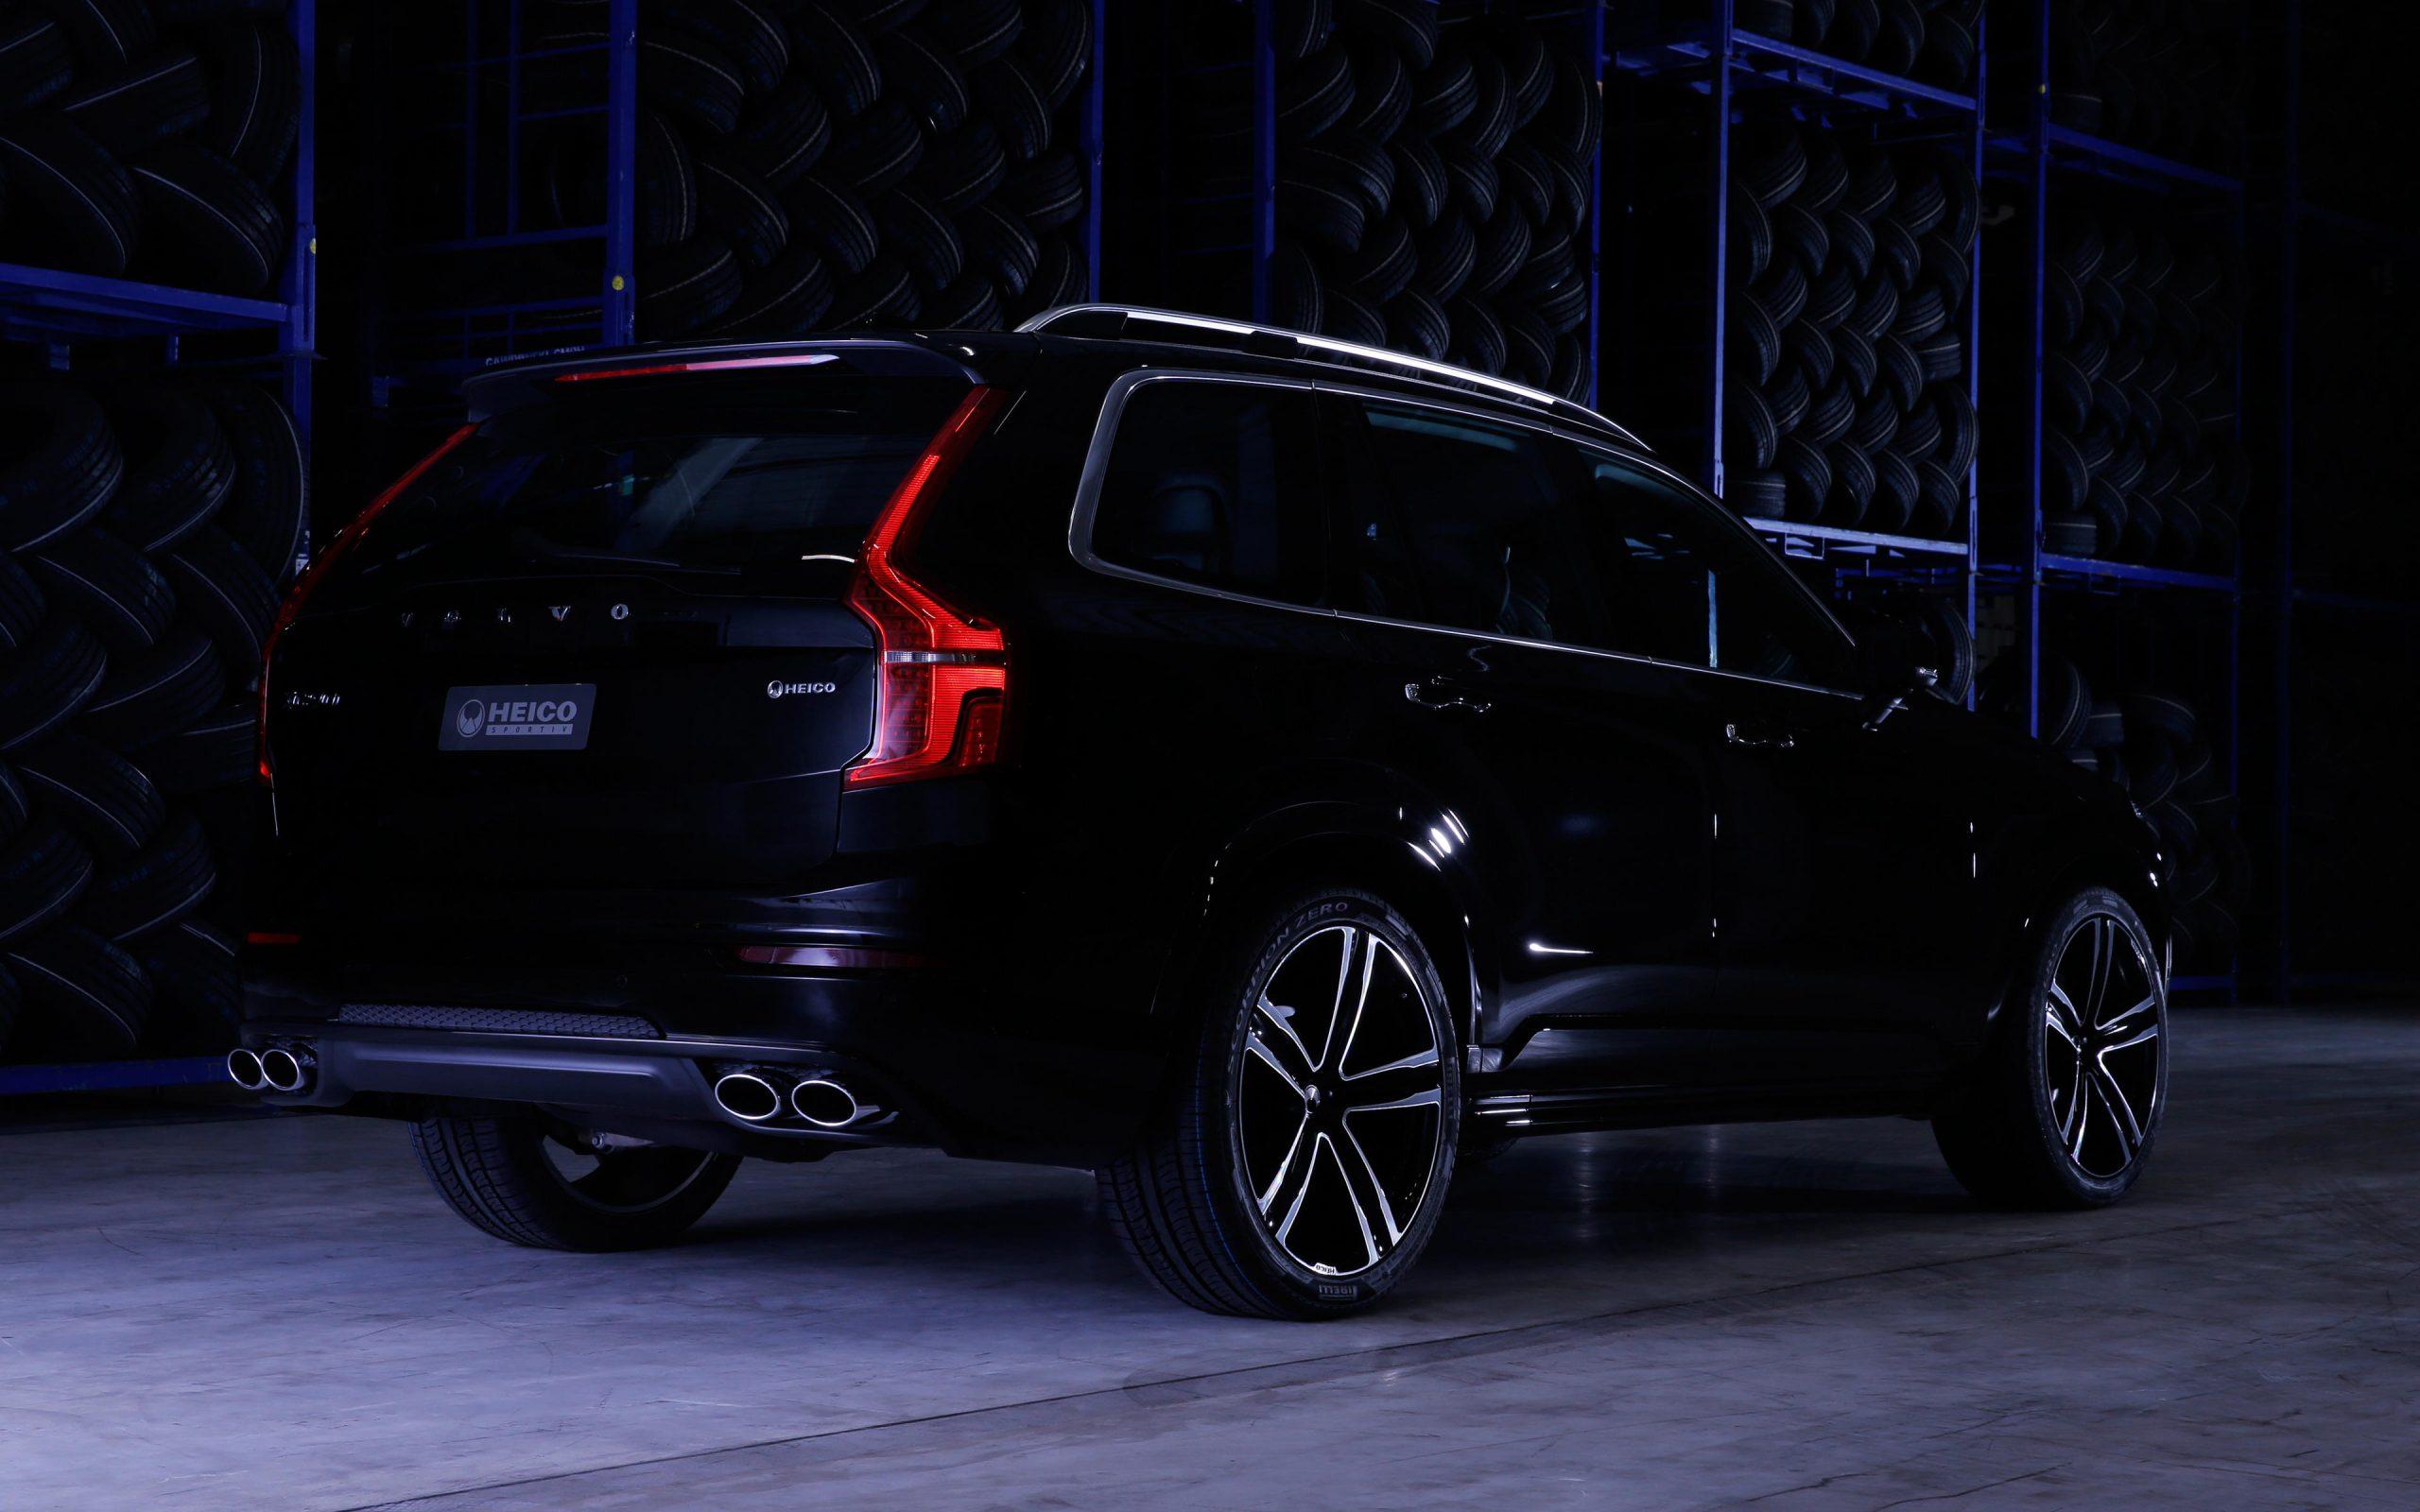 heico-sportiv-volvo-xc90-256-black-rear-1